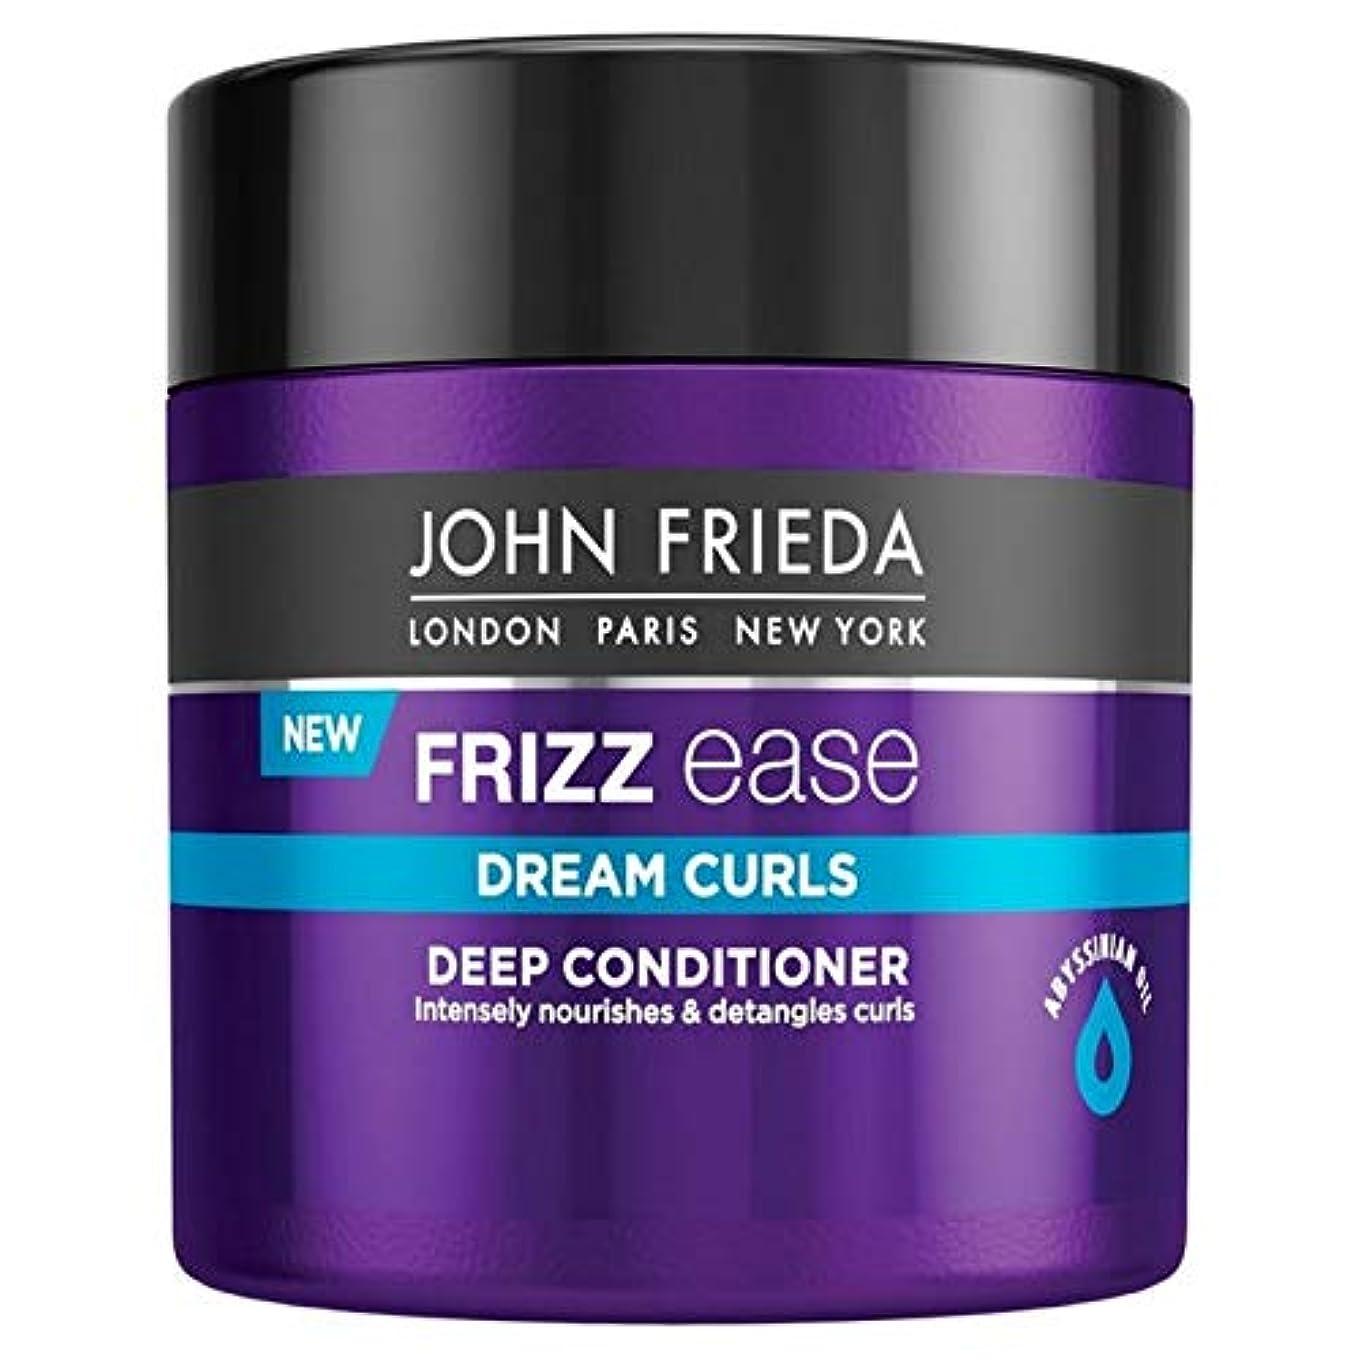 不正確硬さ土器[John Frieda ] ジョン?フリーダ縮れ容易夢カール深いコンディショナー150ミリリットル - John Frieda Frizz Ease Dream Curls Deep Conditioner 150ml [並行輸入品]